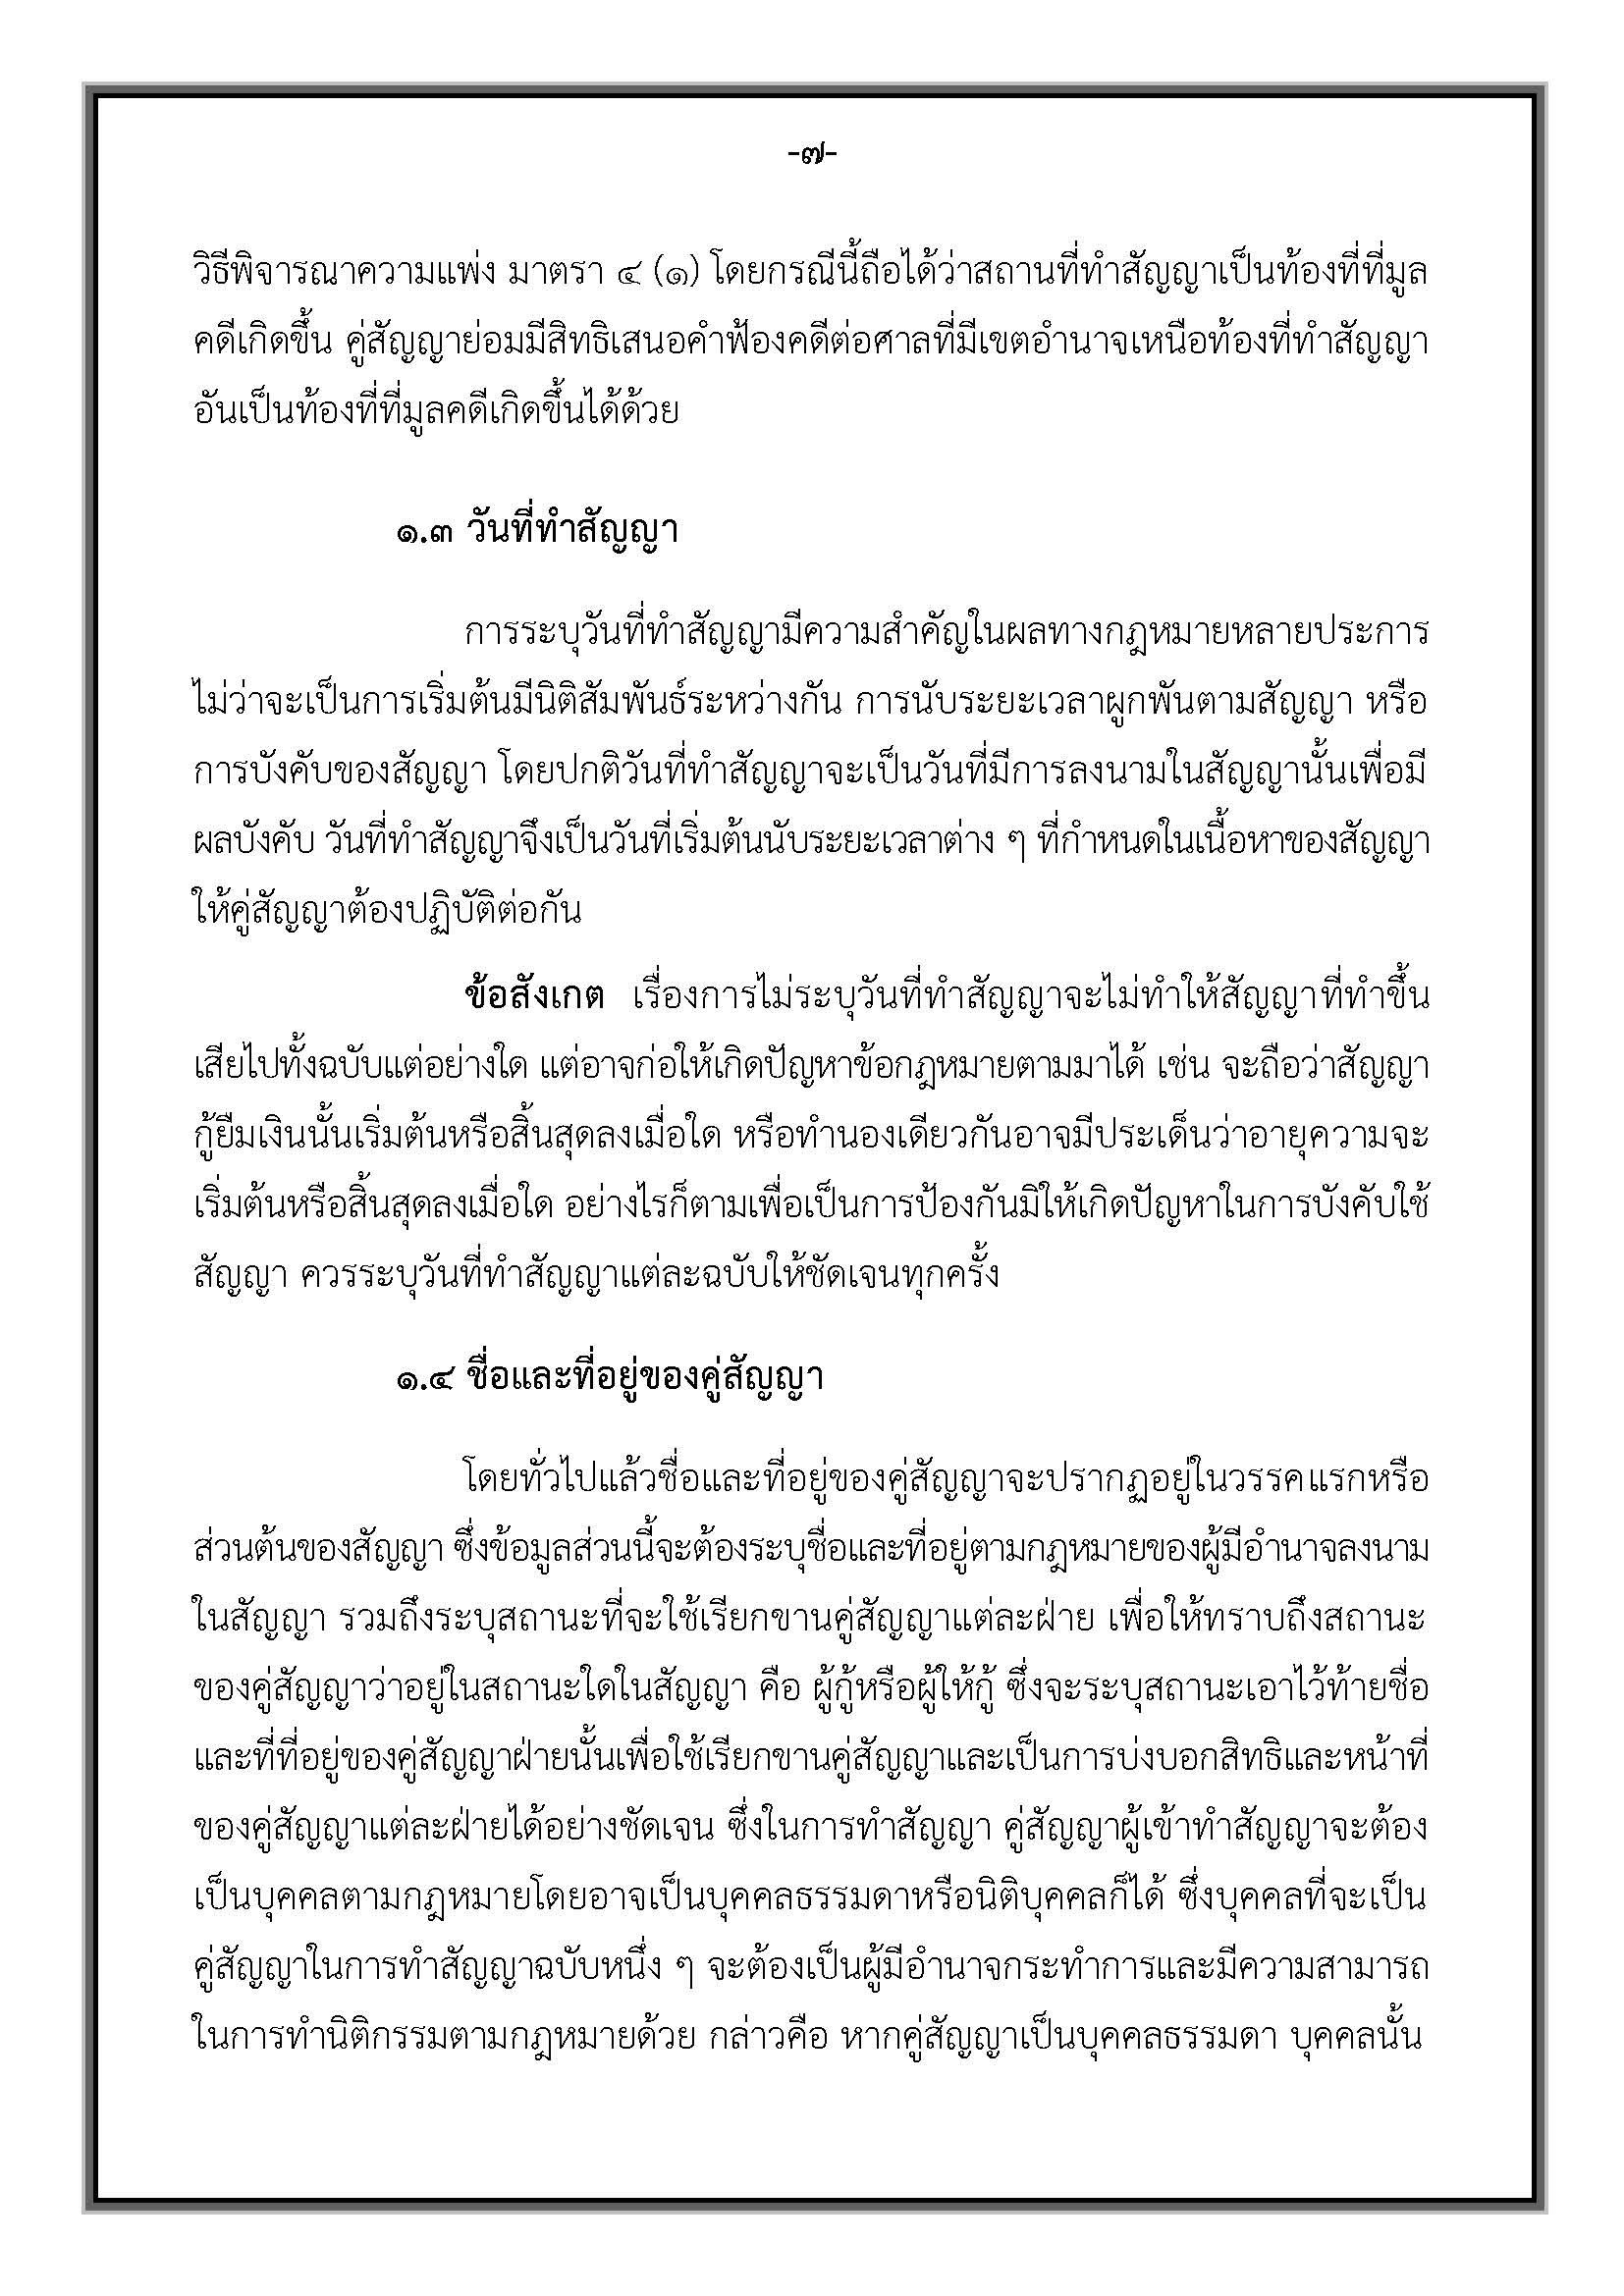 คำแนะนำ-สัญญากู้ยืมเงิน_Page_11